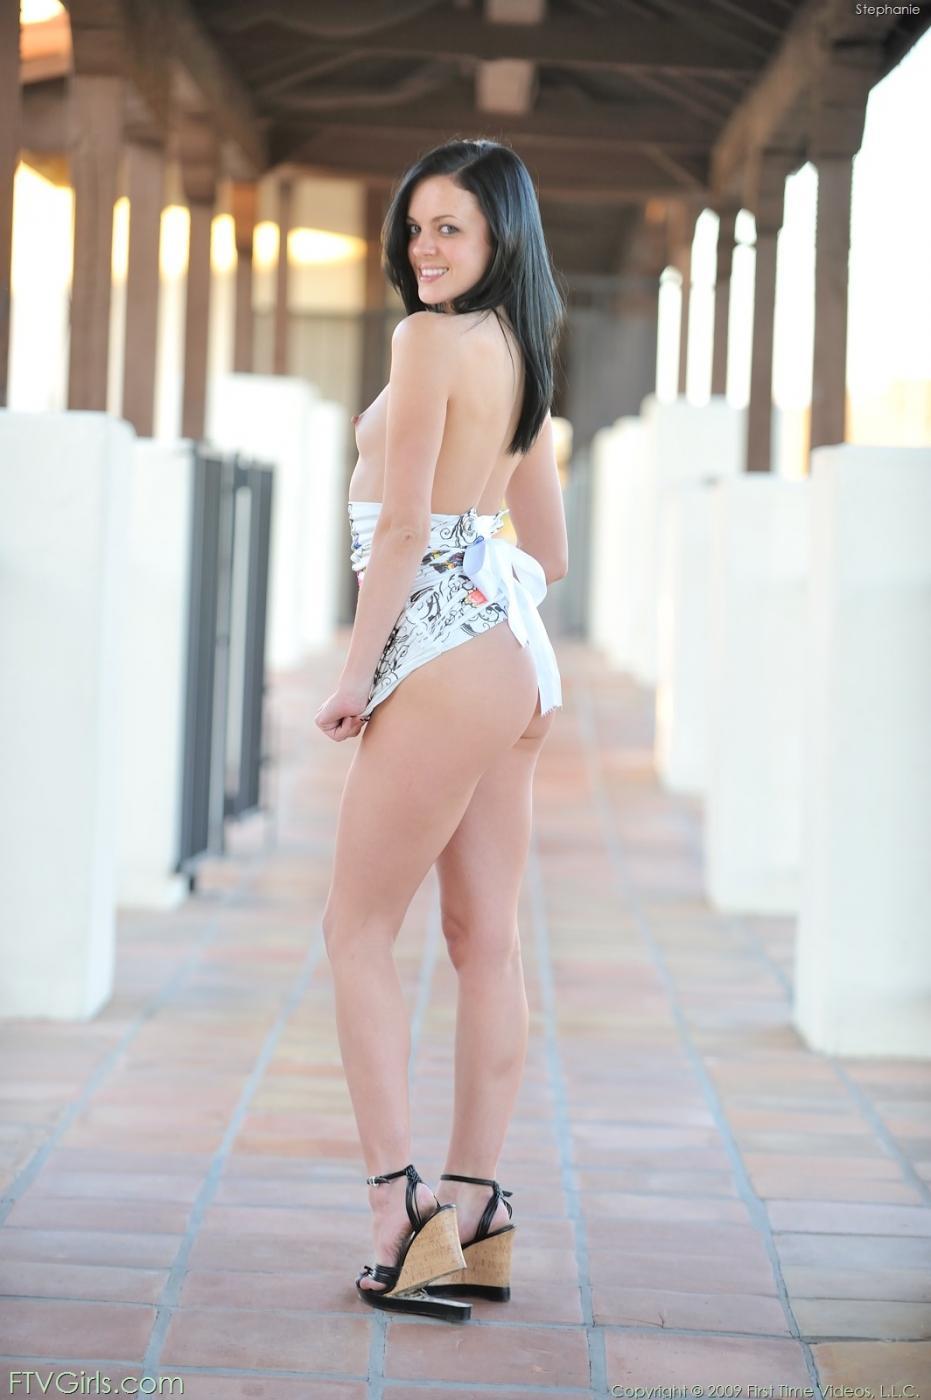 18-летняя модель с темными волосами с маленькими титьками Stephanie Sage исследует свою задницу стеклянным самотыком и пальцами